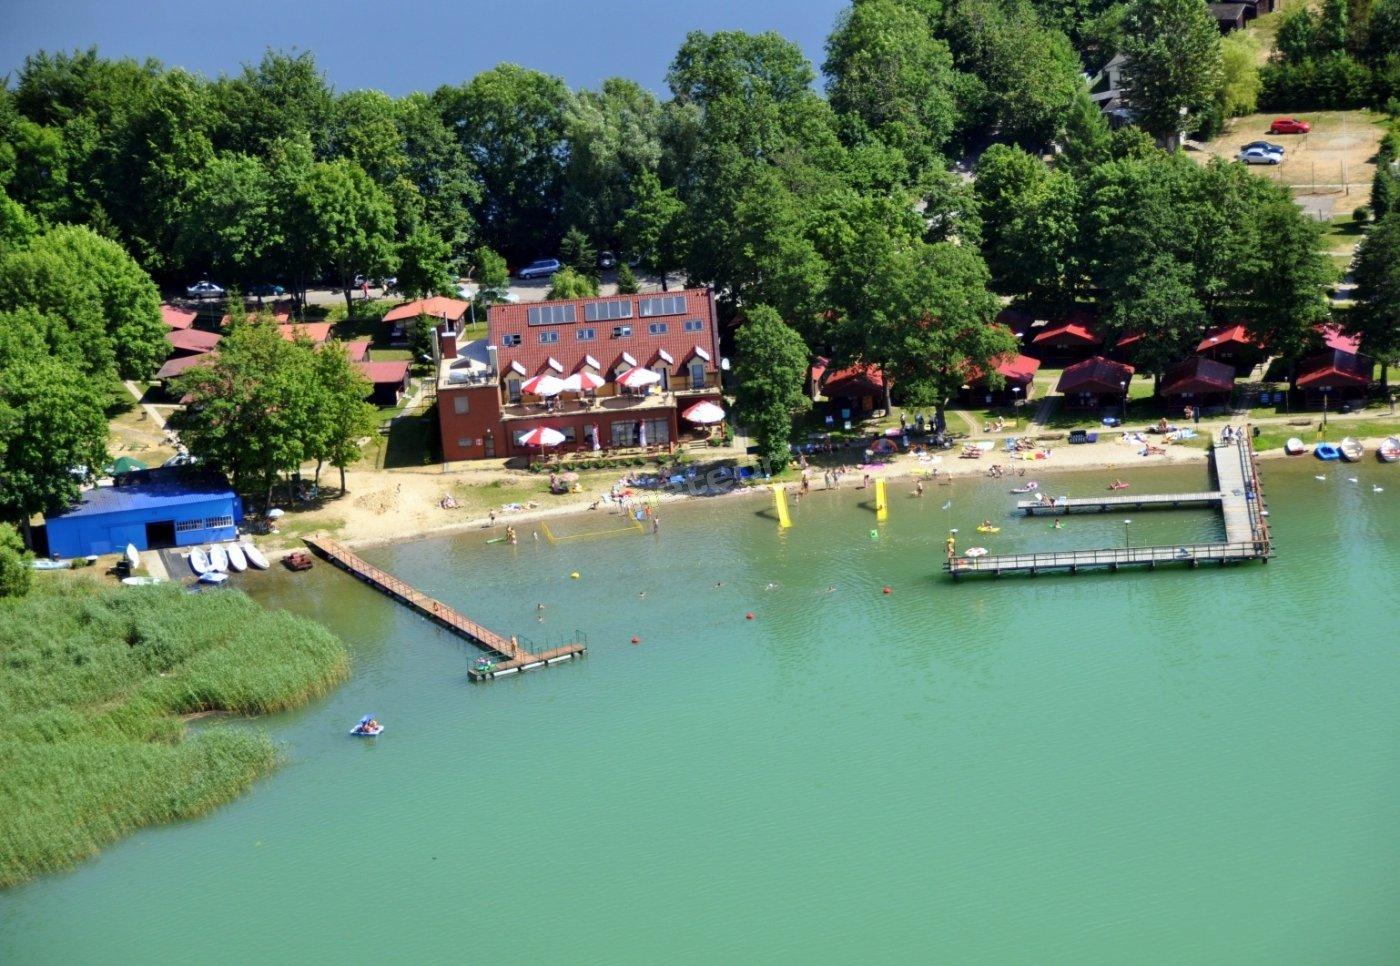 Widok na kąpielisko ośrodka, budynek główny ze stołówką i salą szkoleniową oraz domki 2-osobowe.